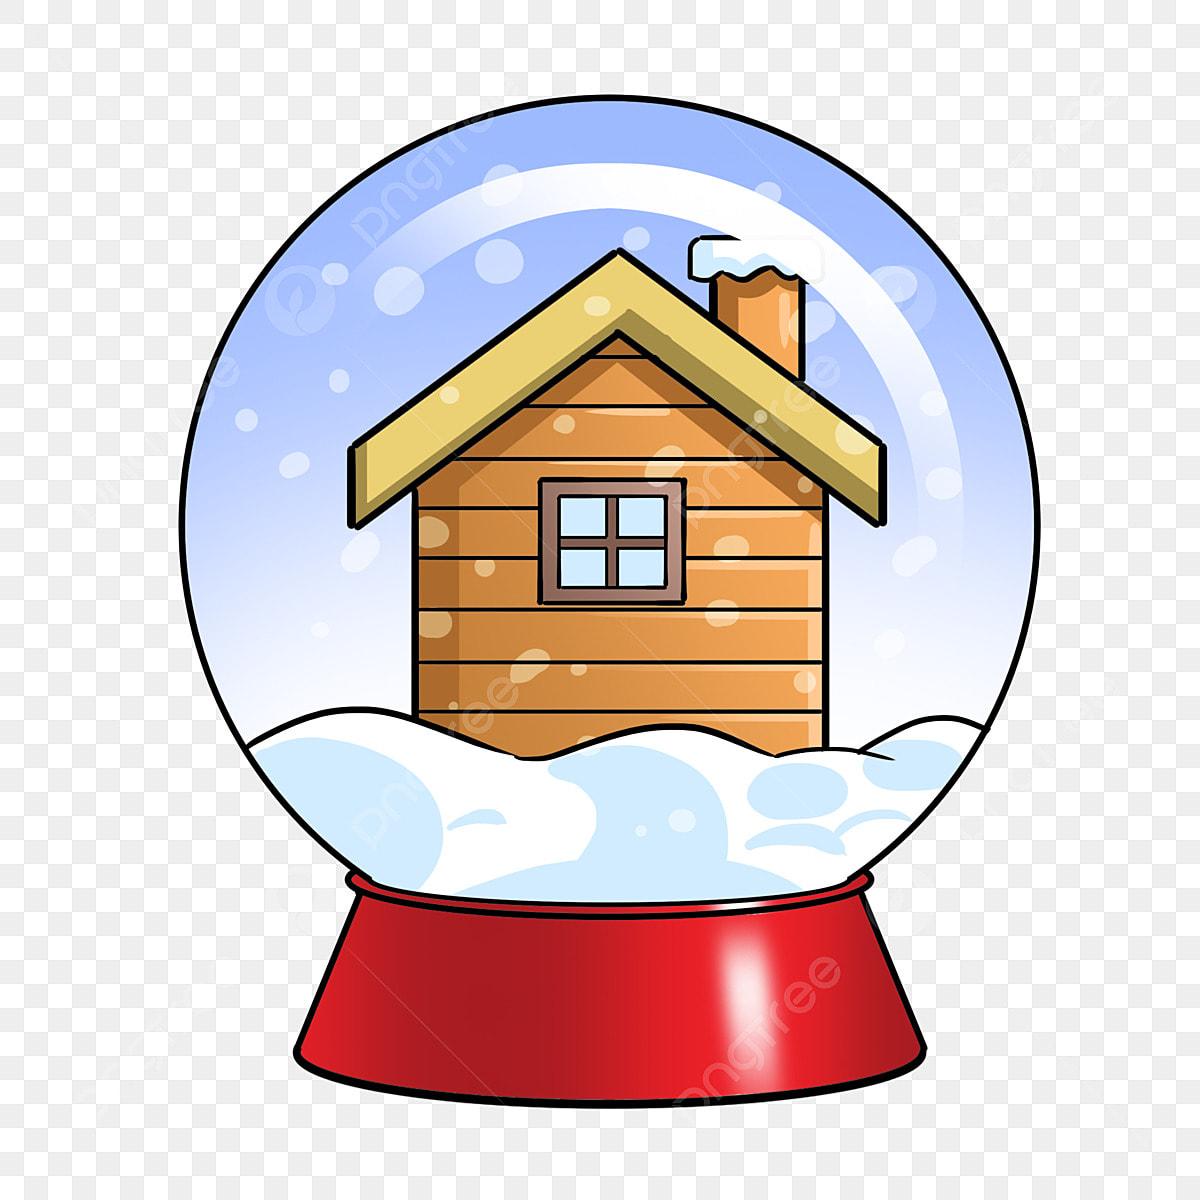 Christmas Music Clipart.Christmas Music Music Clipart Symbol Singing Png